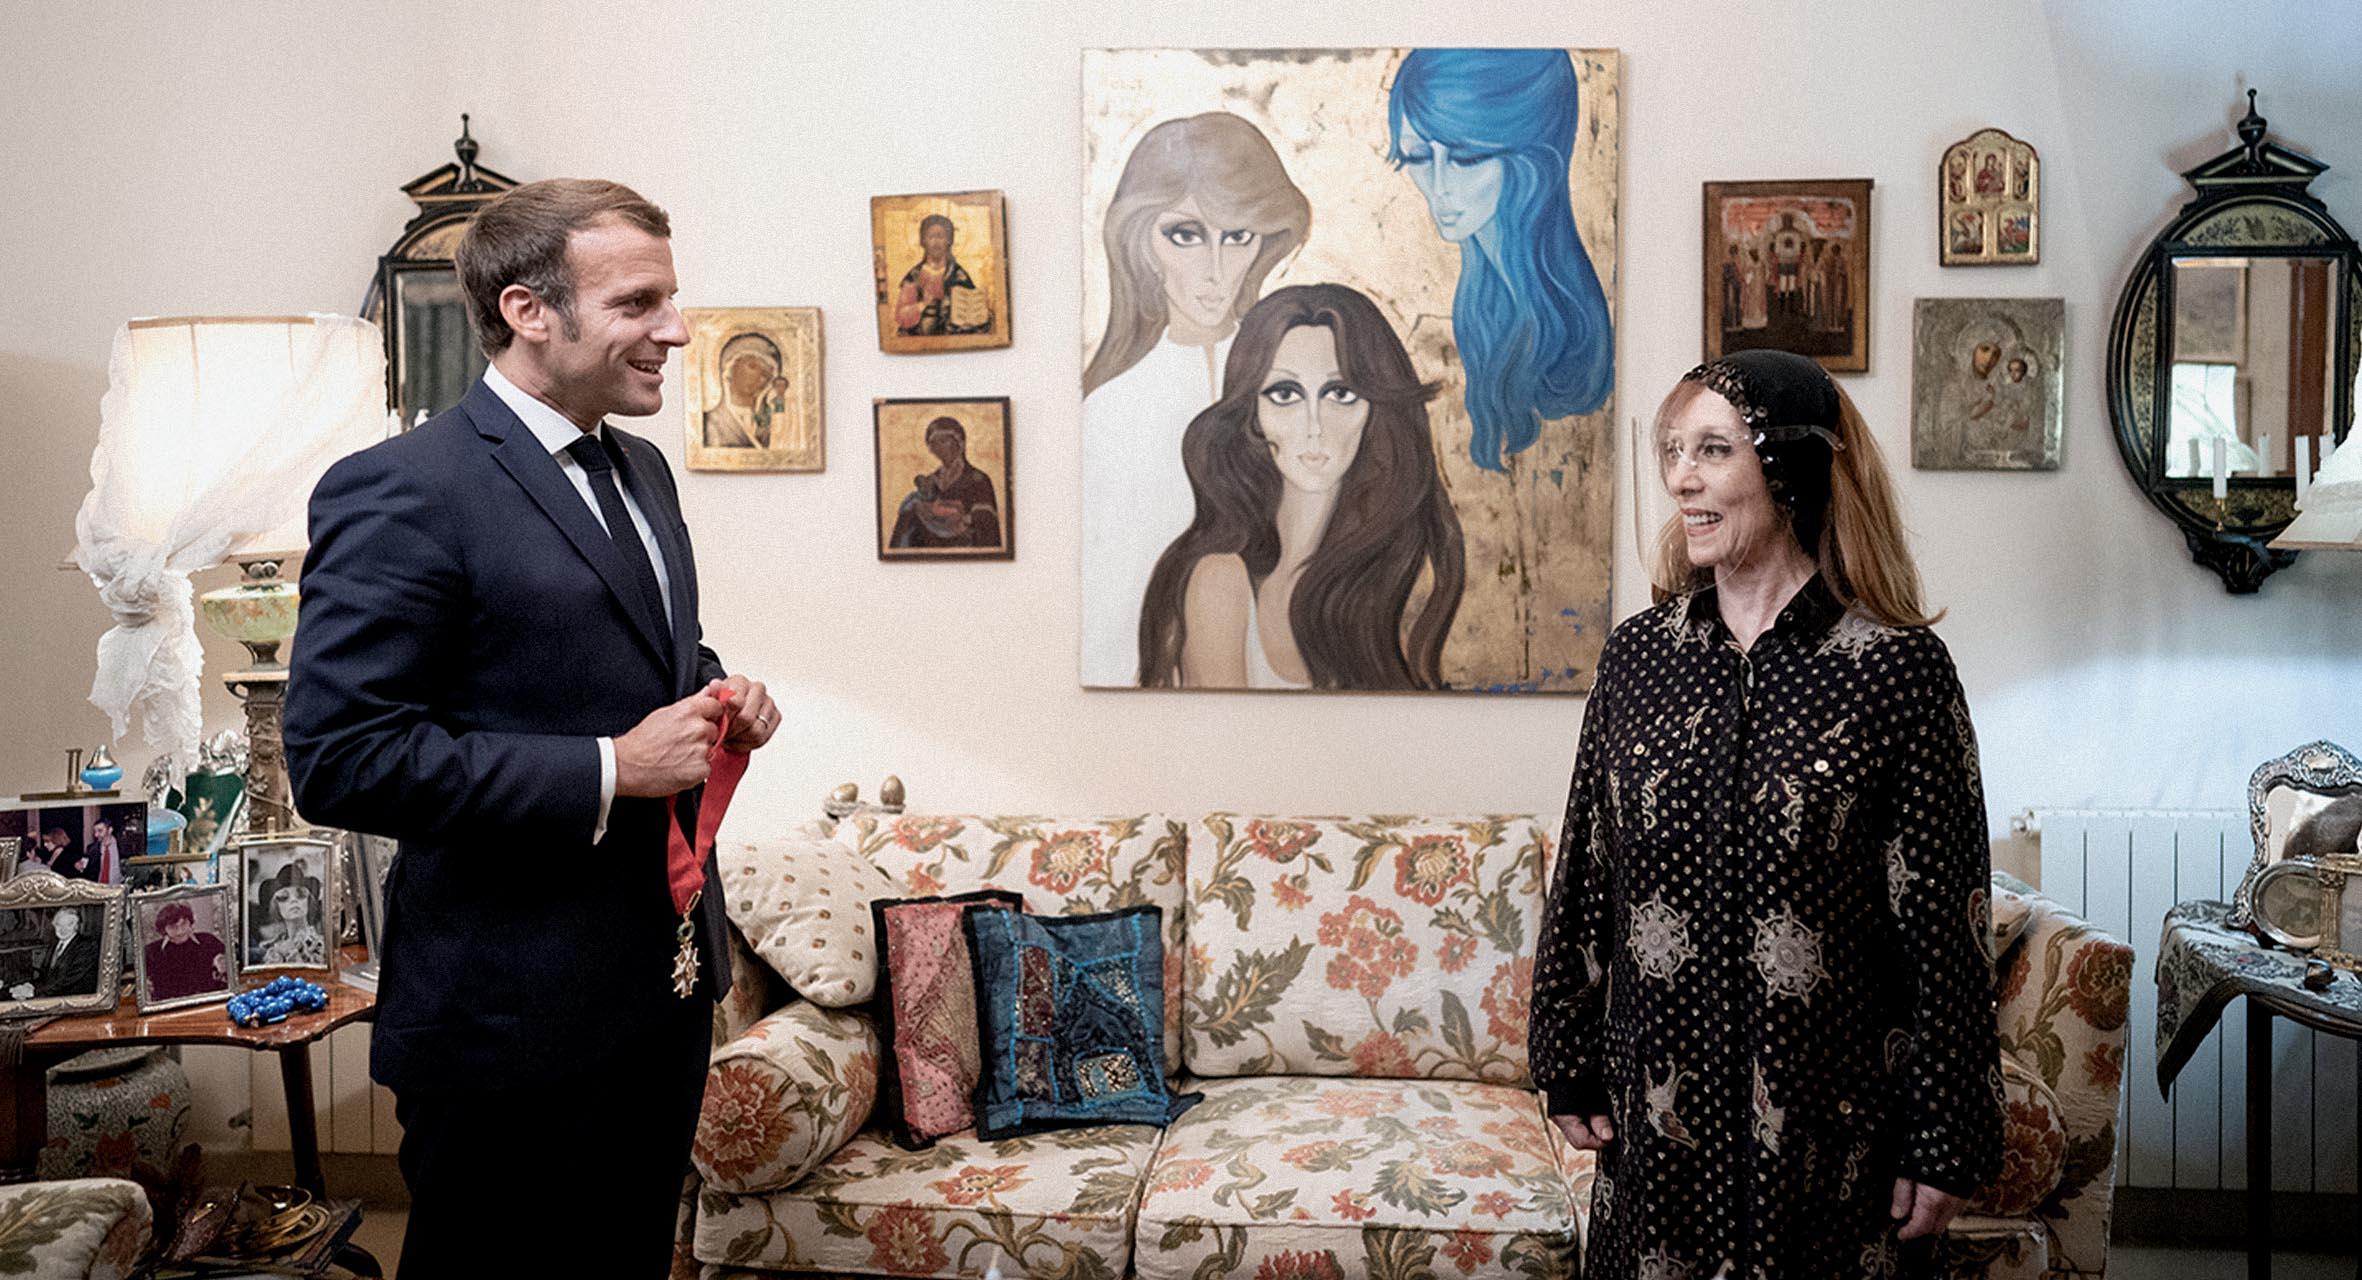 صورة مرشح رئاسة الجمهورية اللبنانية المستقل إيمانويل ماكرون يستهل حملته الانتخابية بزيارة فيروز